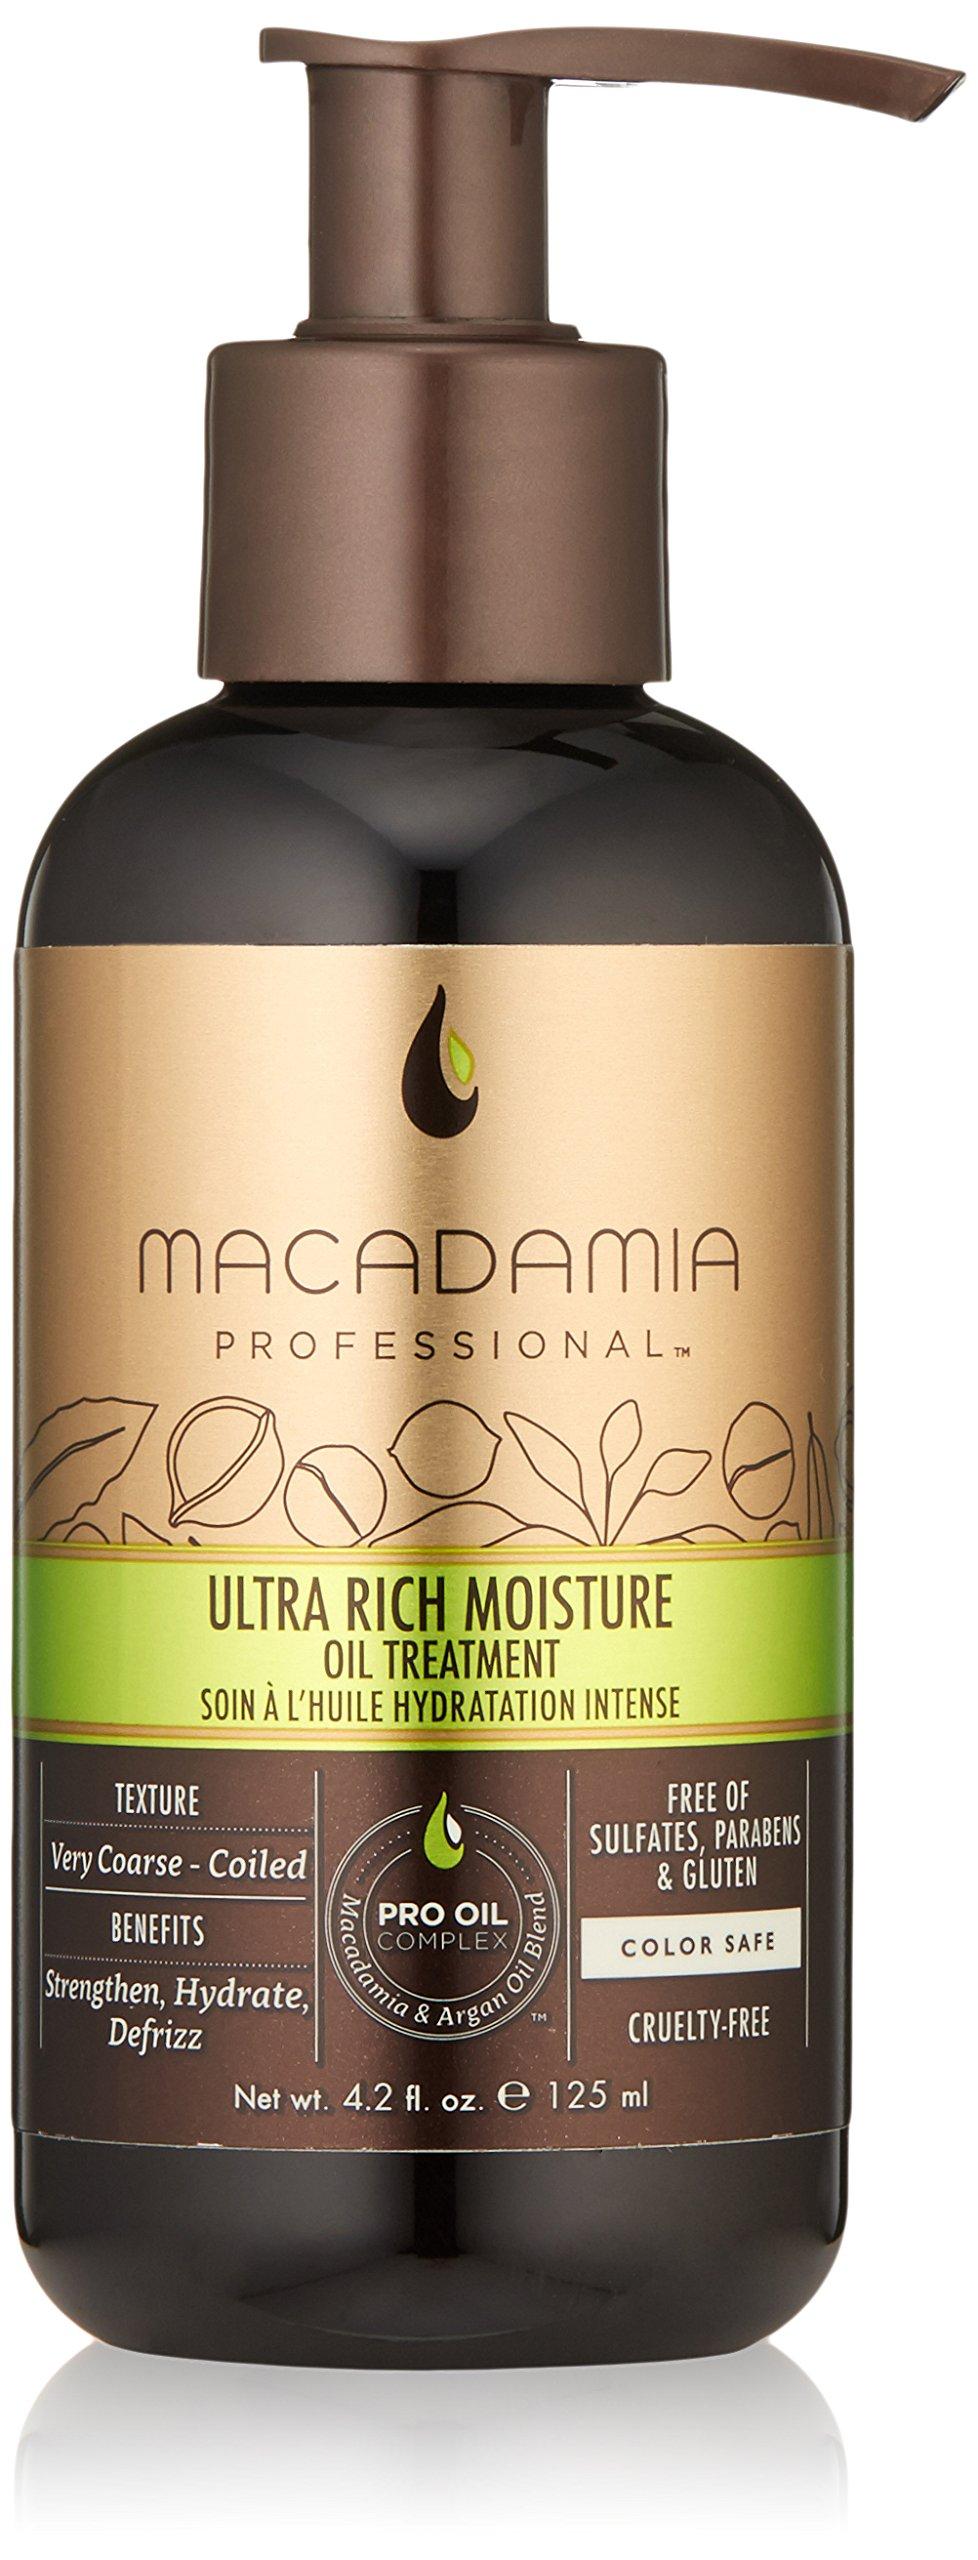 Macadamia Hair Ultra Rich Moisture Oil Treatment - 4.2 oz